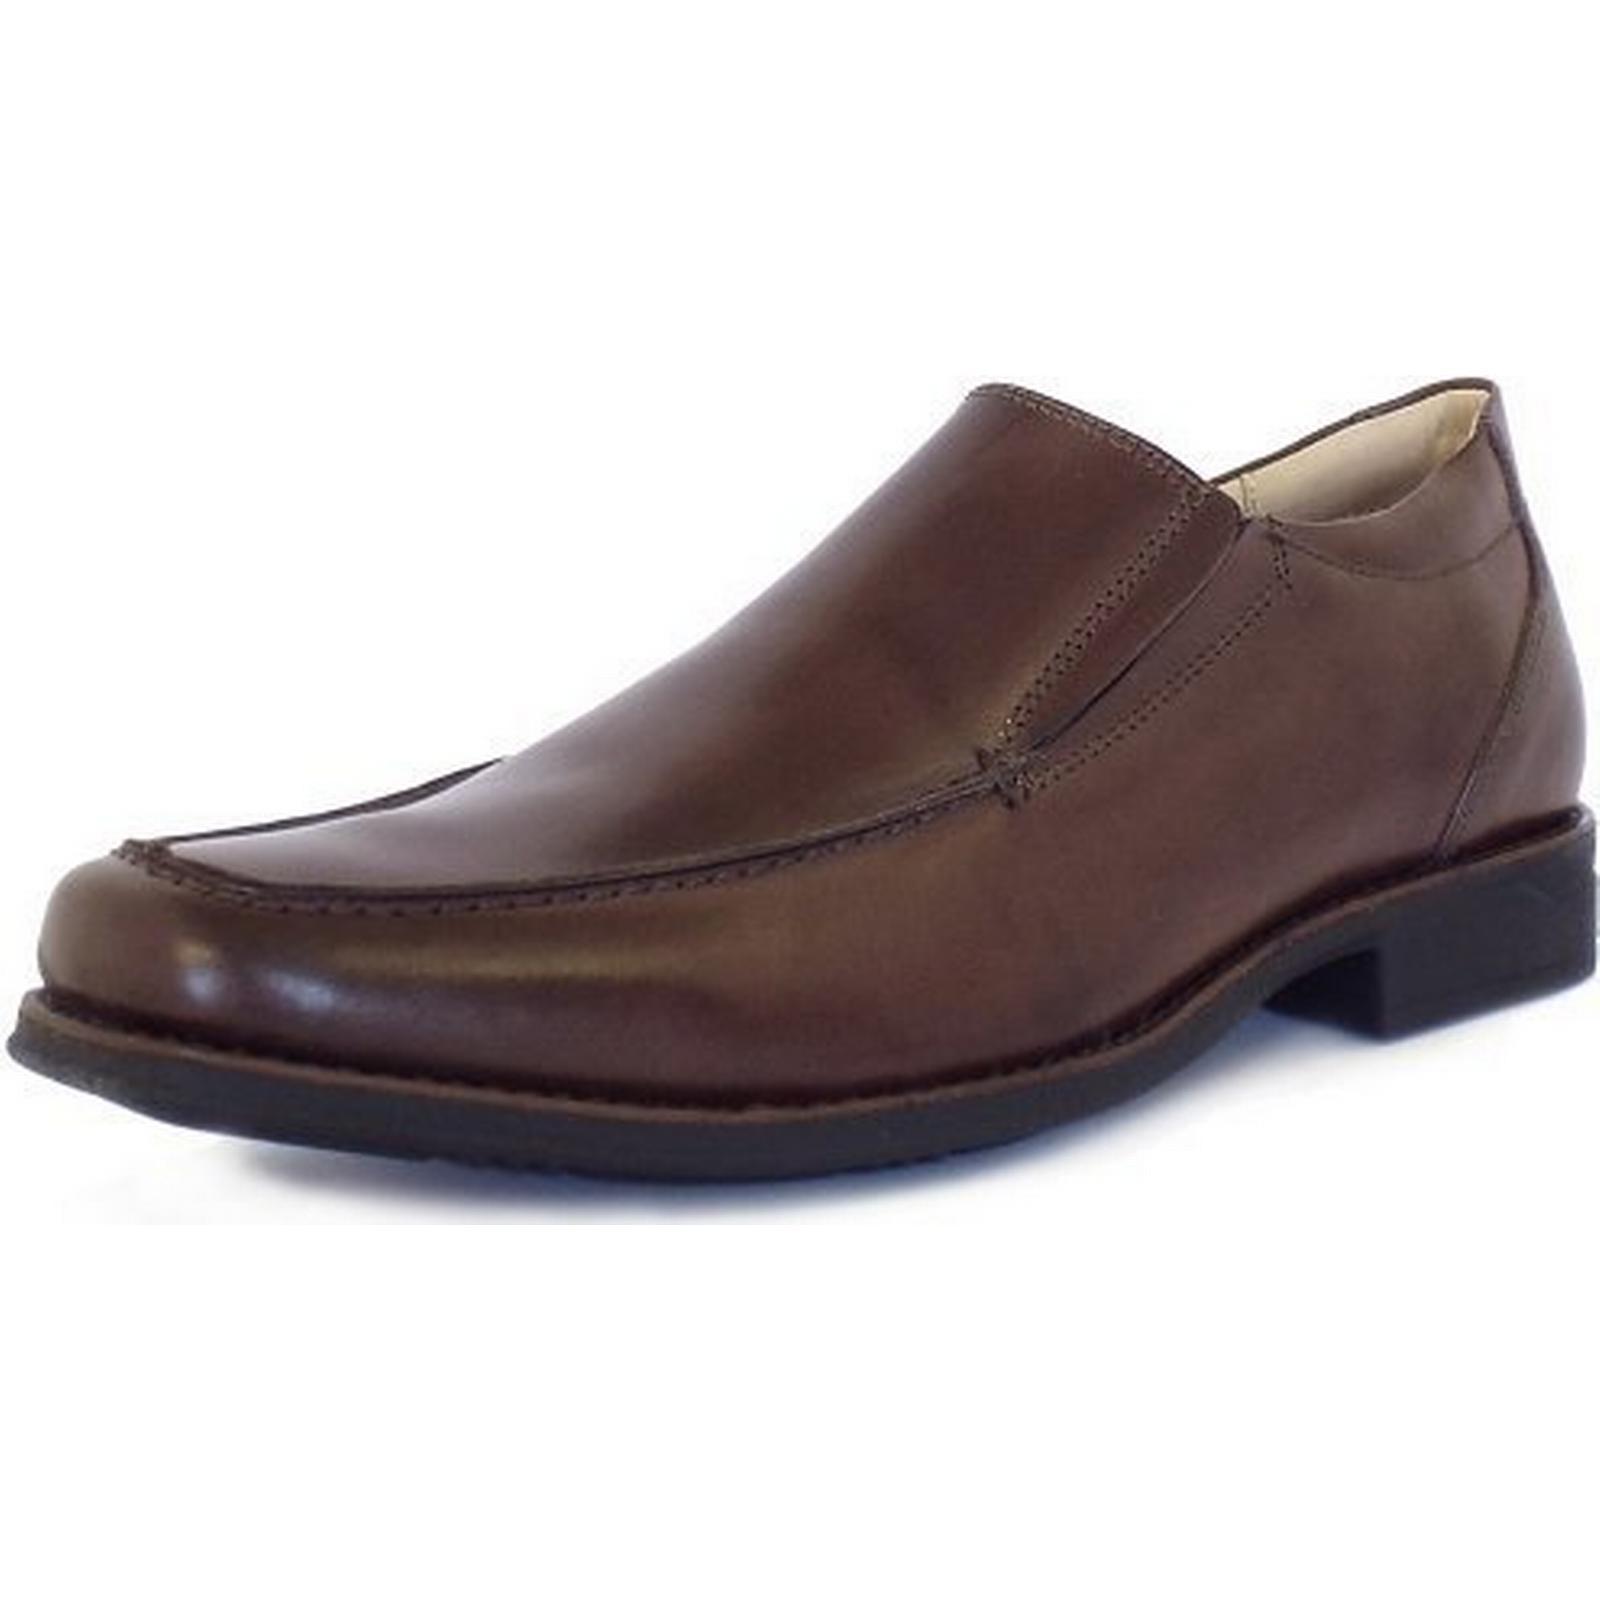 même & amp; co - tapera     de glisser sur les chaussures taille: 44, au café de la couleur: f920b3